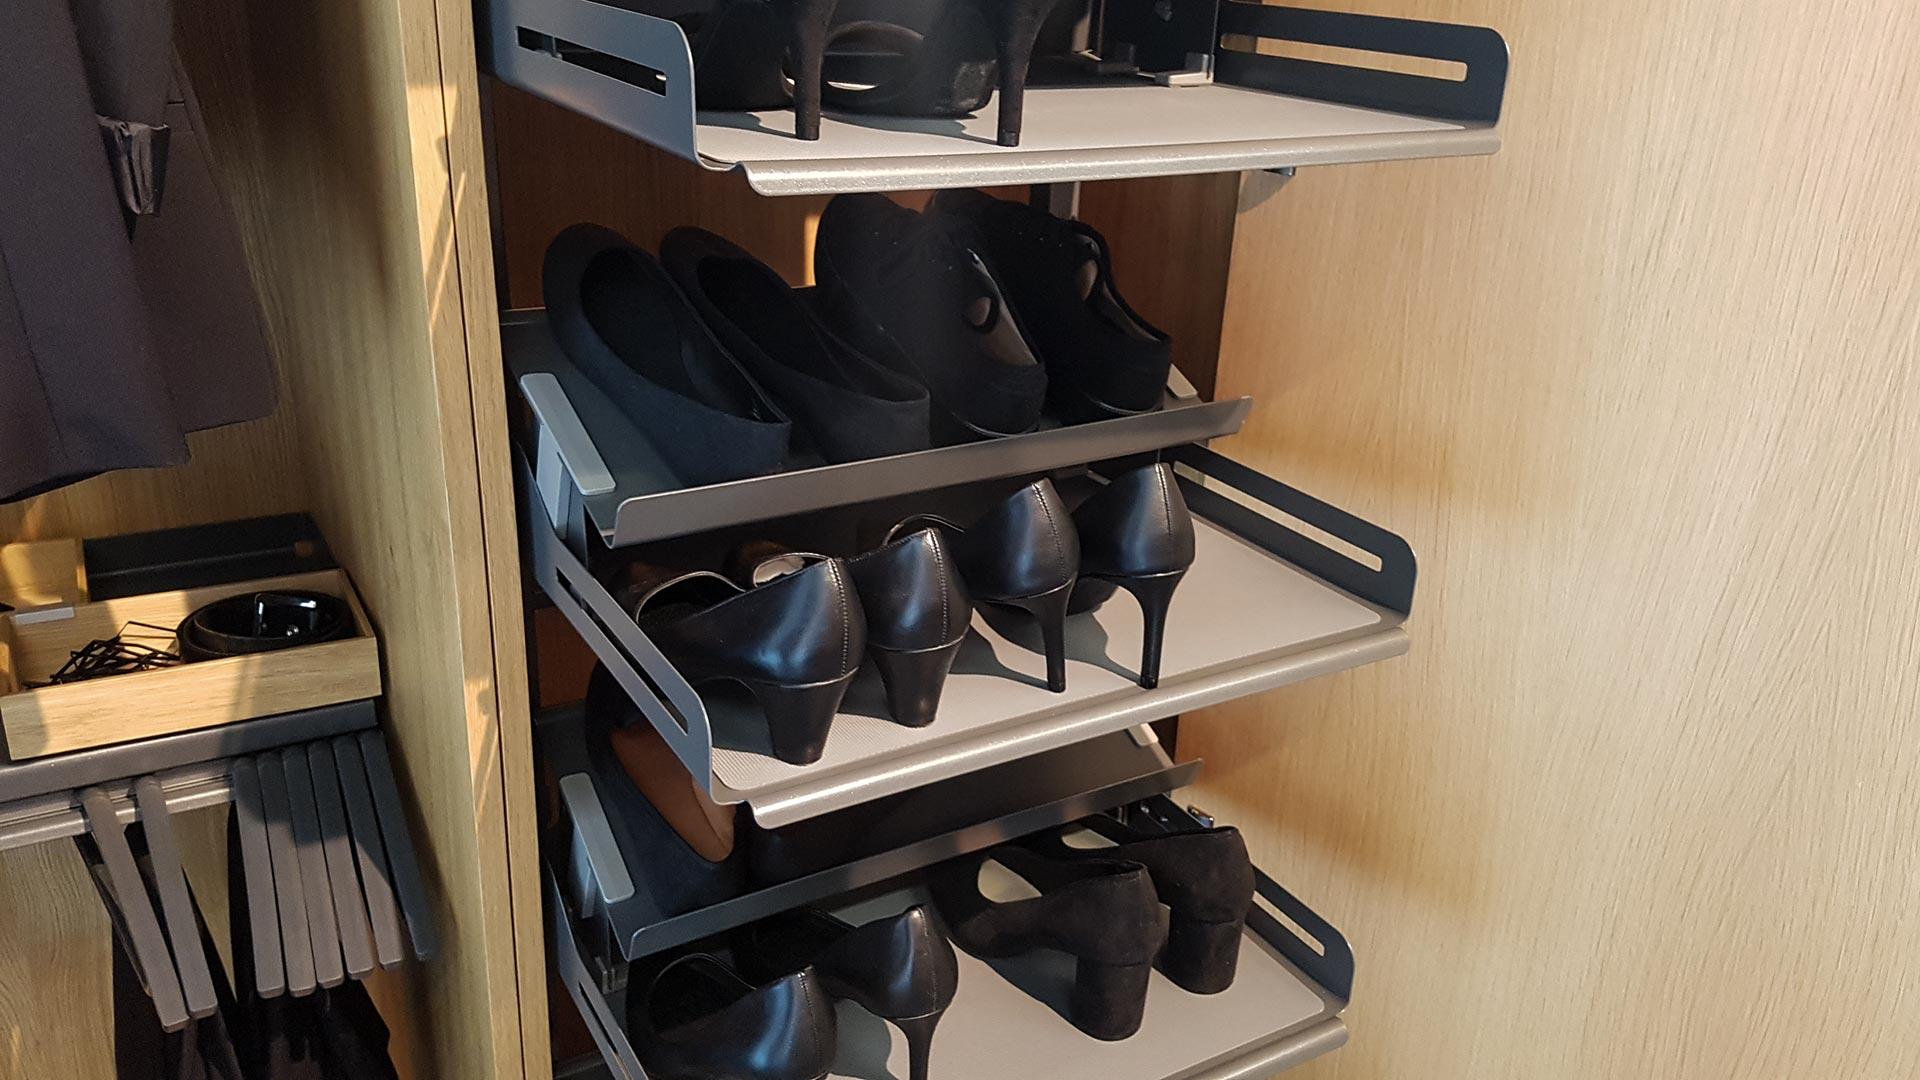 Die Schuhschrank-Einsätze fahren automatisch aus dem Korpus heraus, wenn die Tür geöffnet wird.